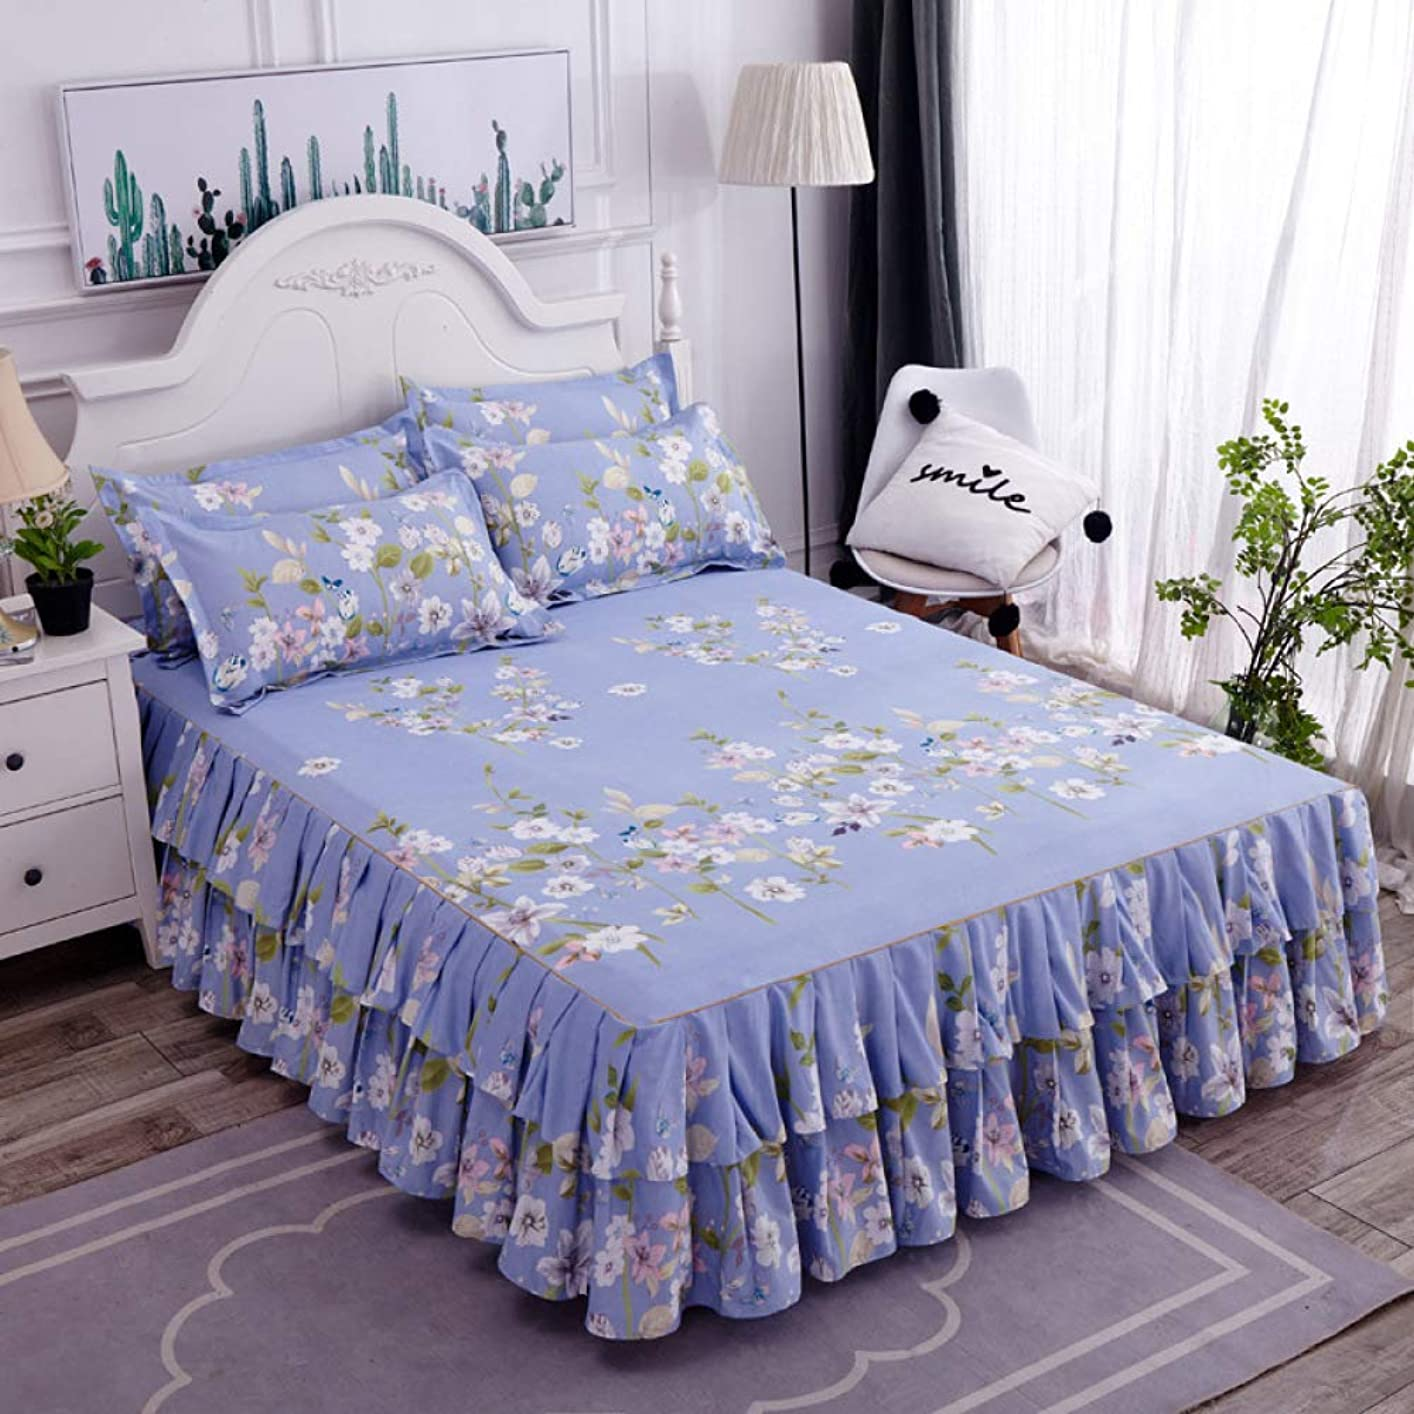 独裁者仮説ムスタチオ夏のベッドカバーフリルライトベッドスカート無地装飾ボード3枚セット,A-150CM*200CM